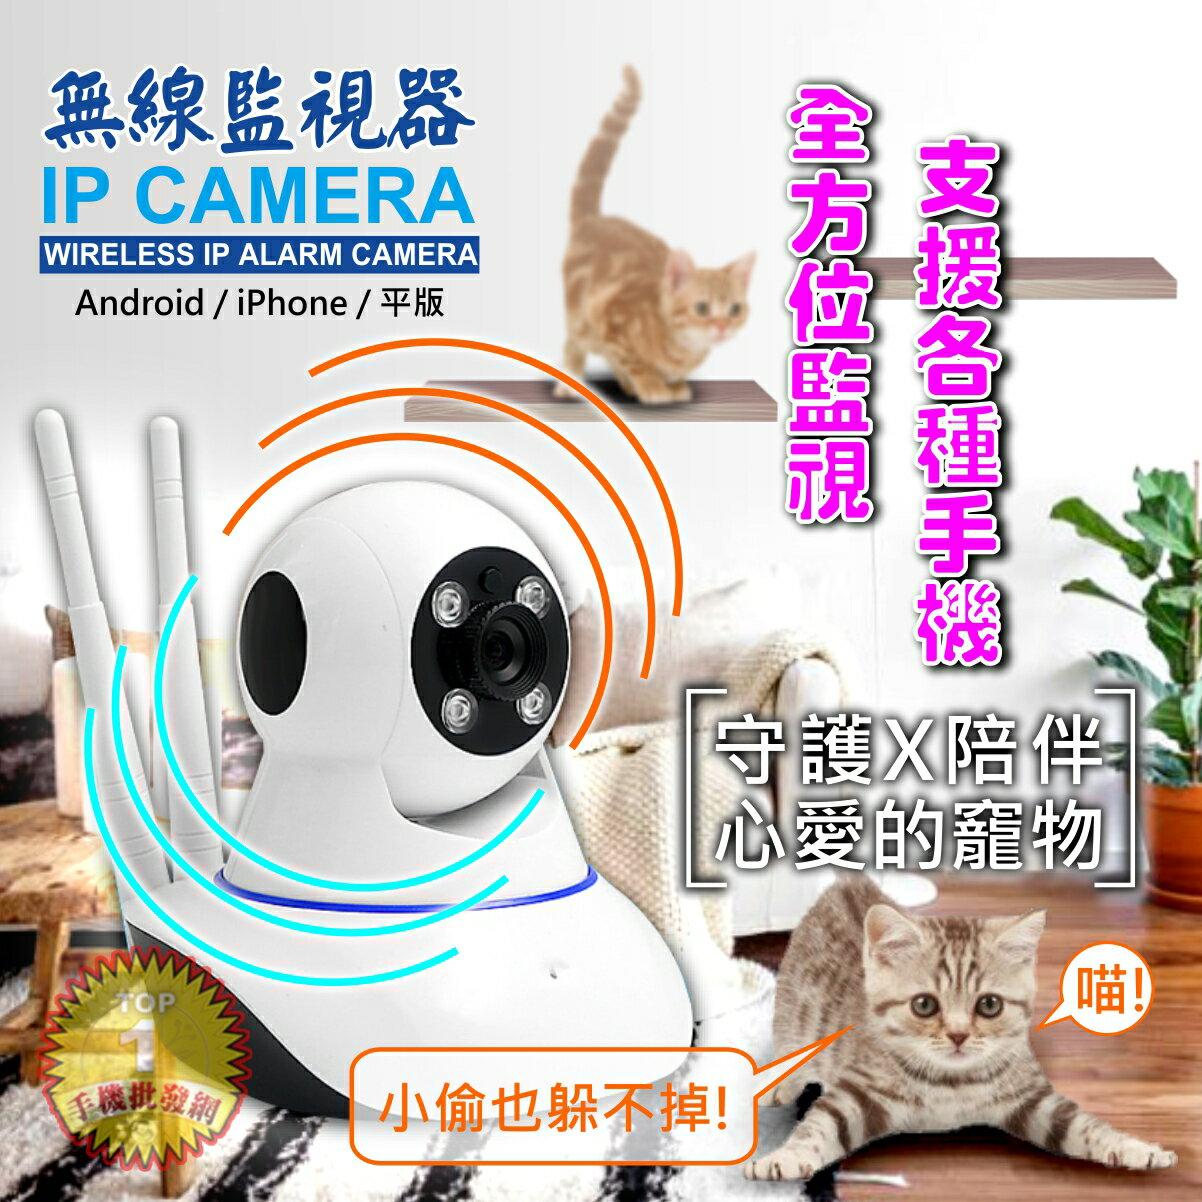 ☆手機批發網☆HD7《第七代雙天線》紅外線夜視版,WIFI,攝影機,網路監控,雲端監視,APP操控,小米、小蟻、HD7